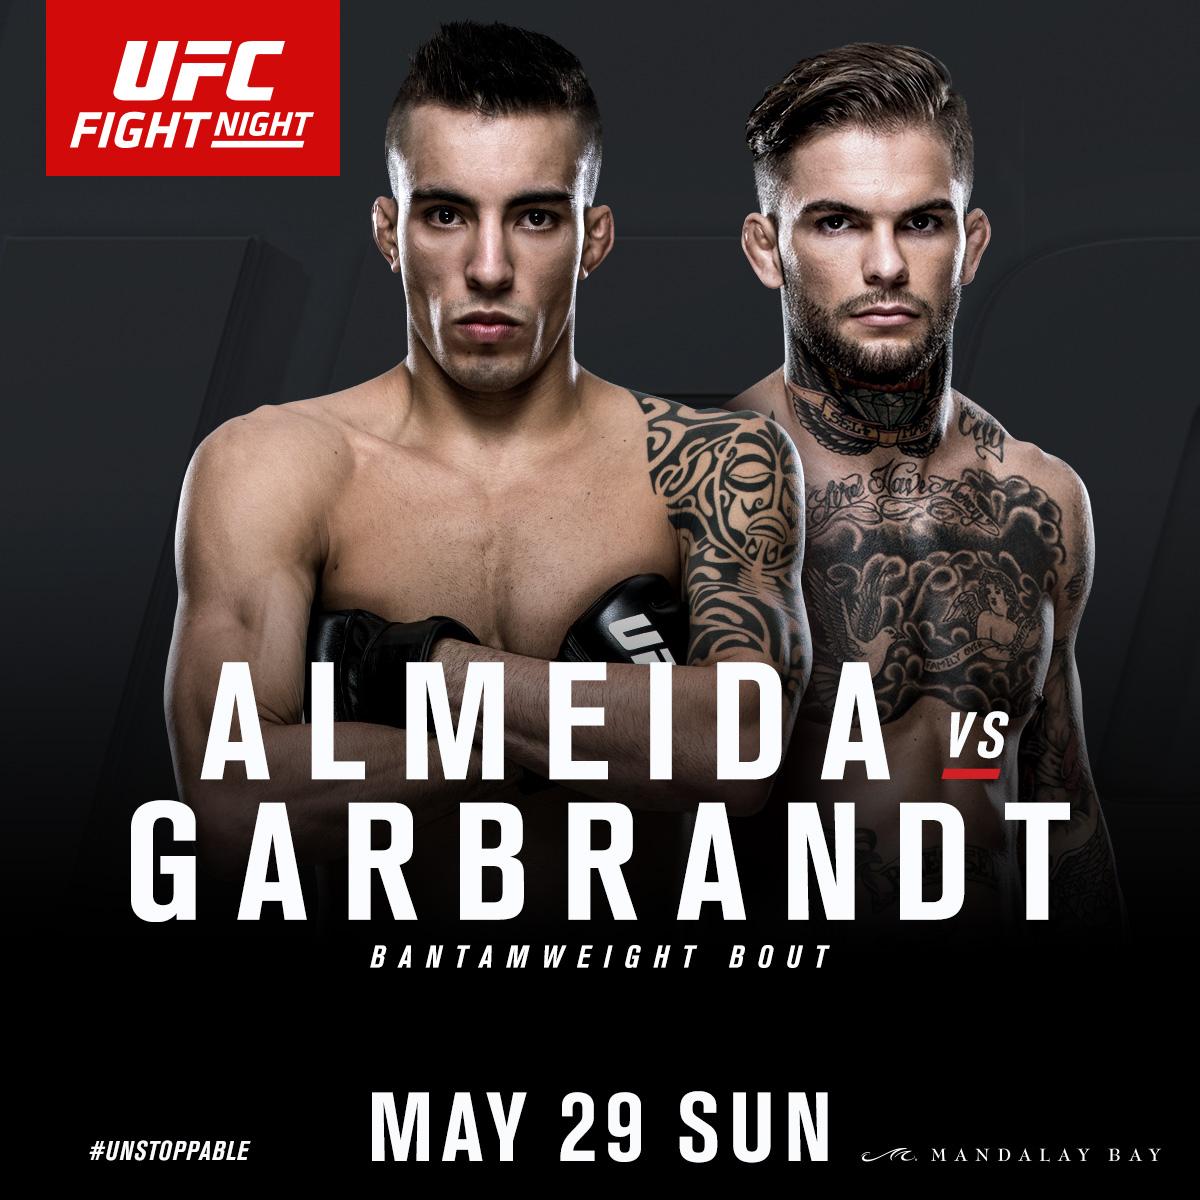 May 29 - UFC FIGHT NIGHT - Tho...